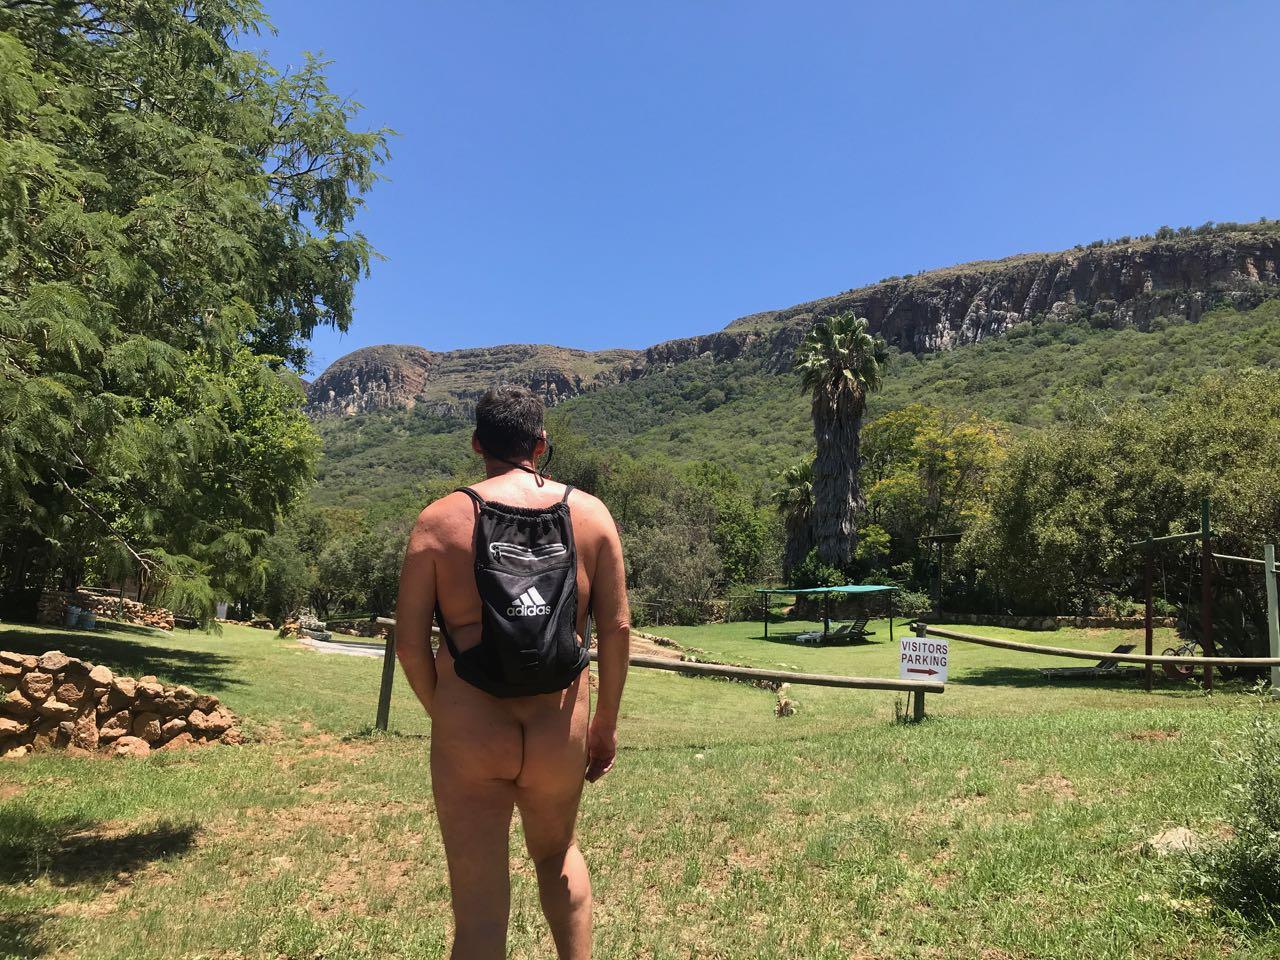 Nude pics of leelee sobieski